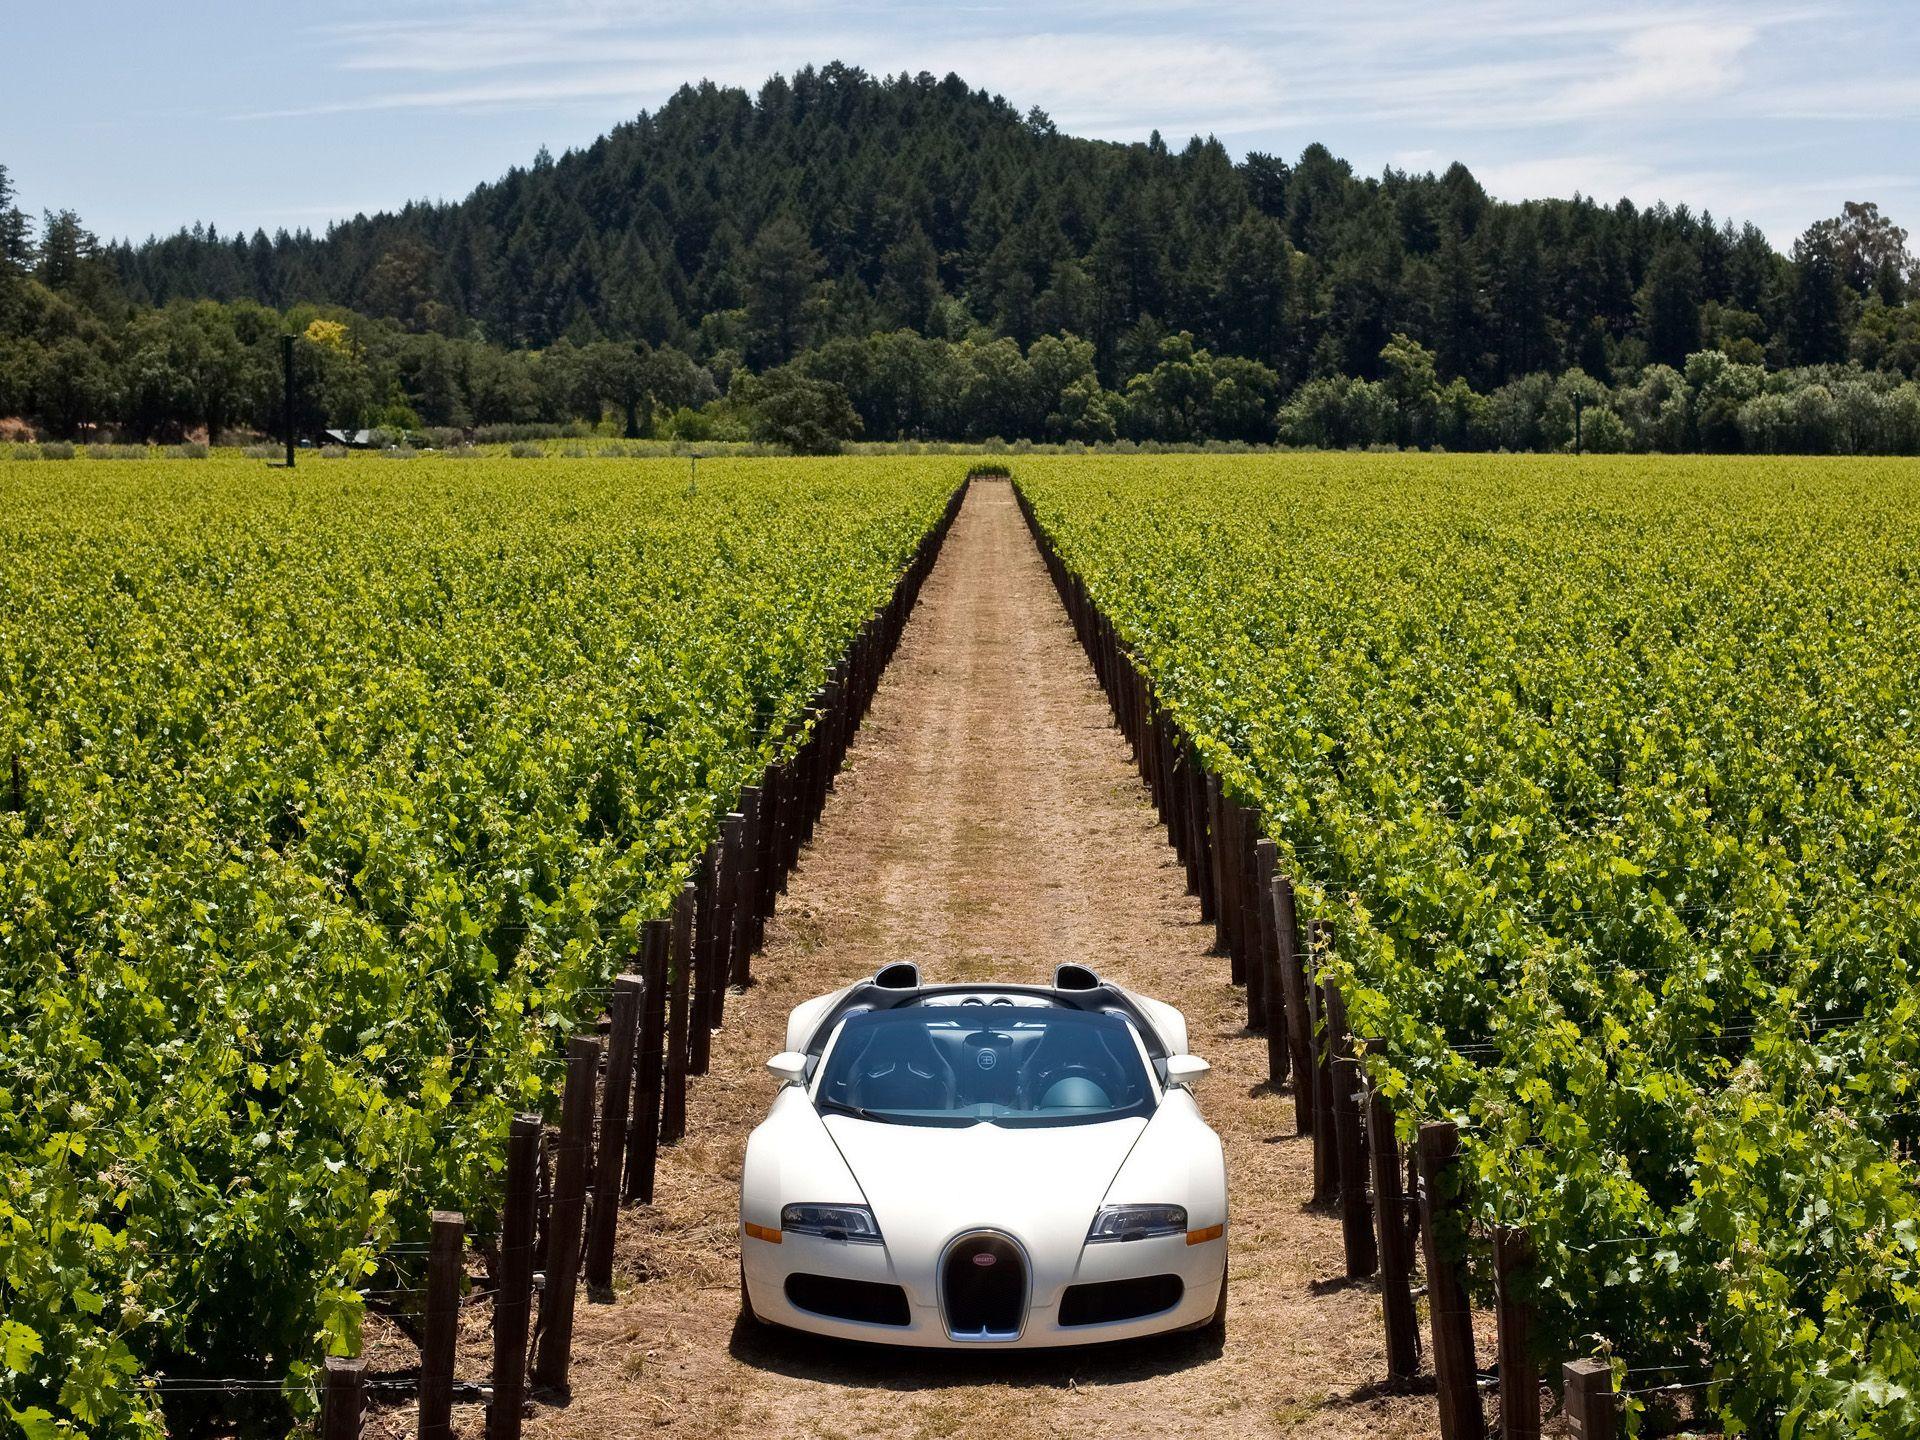 2010 Bugatti Veyron 16 4 Grand Sport In Napa Valley Front 4 1920x1440 Wallpaper Bugatti Veyron Bugatti Veyron 16 Bugatti